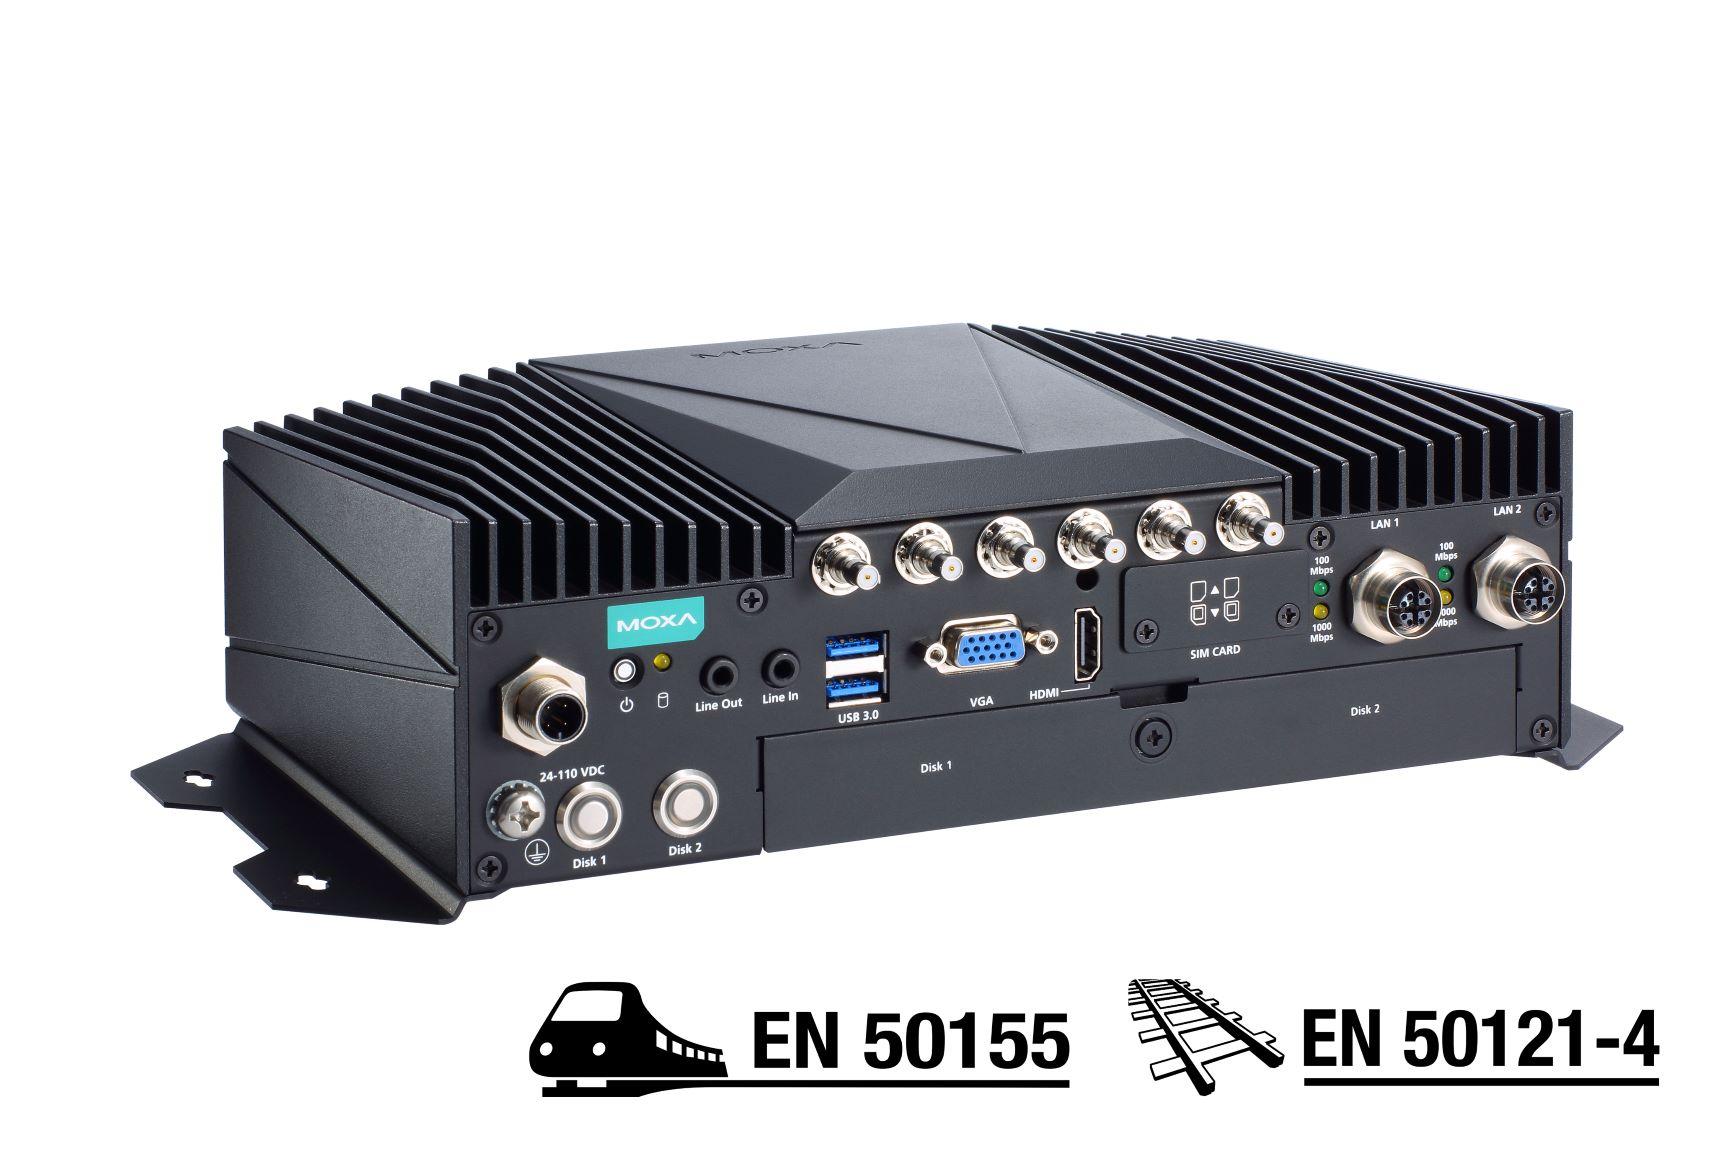 高性能な鉄道用コンピュータ「V2406Cシリーズ」を発表